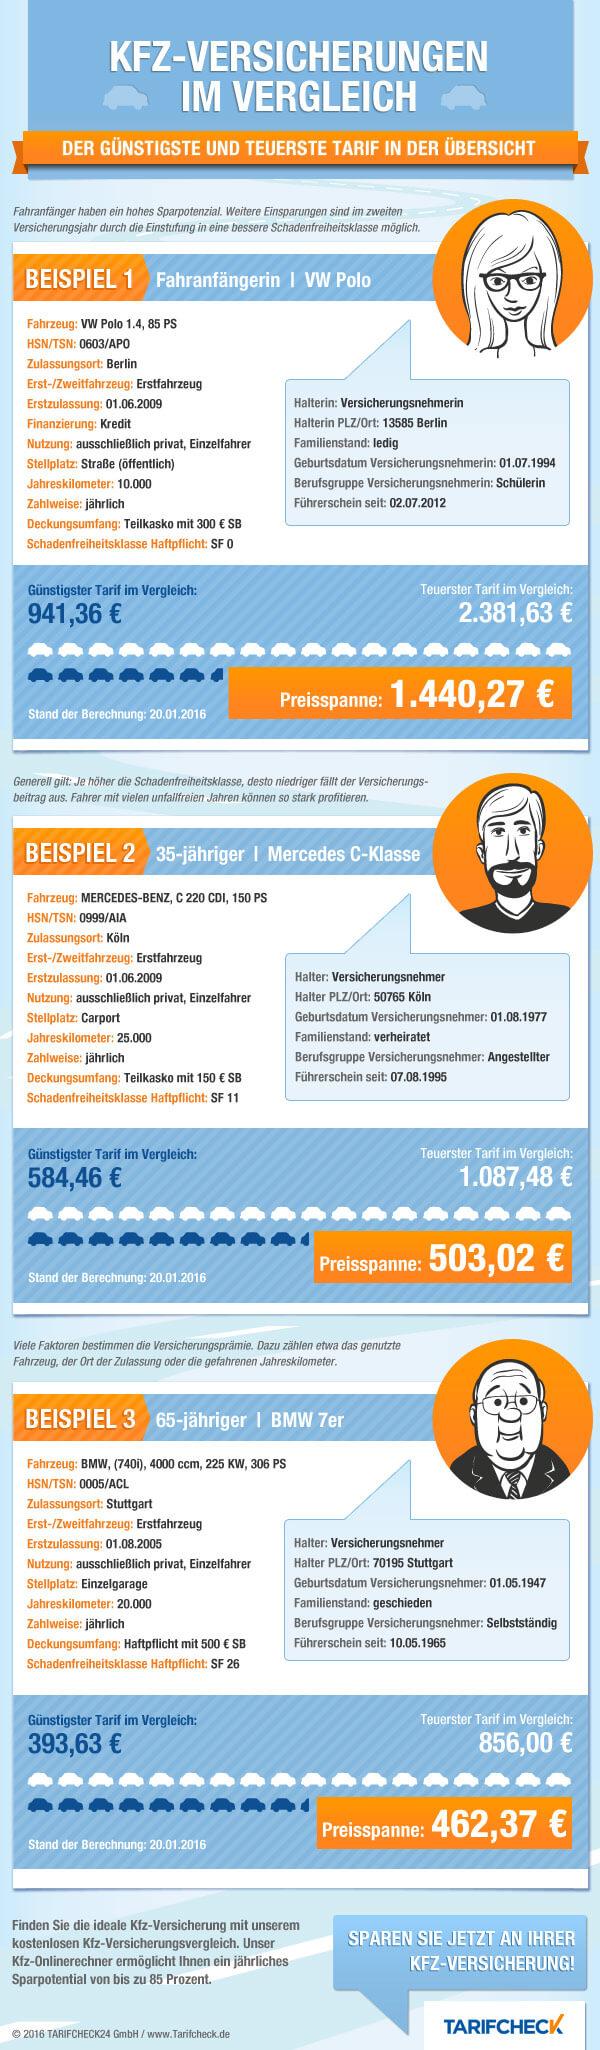 Kfz Versicherung Vergleich Bis Zu 850 An Autoversicherung Sparen